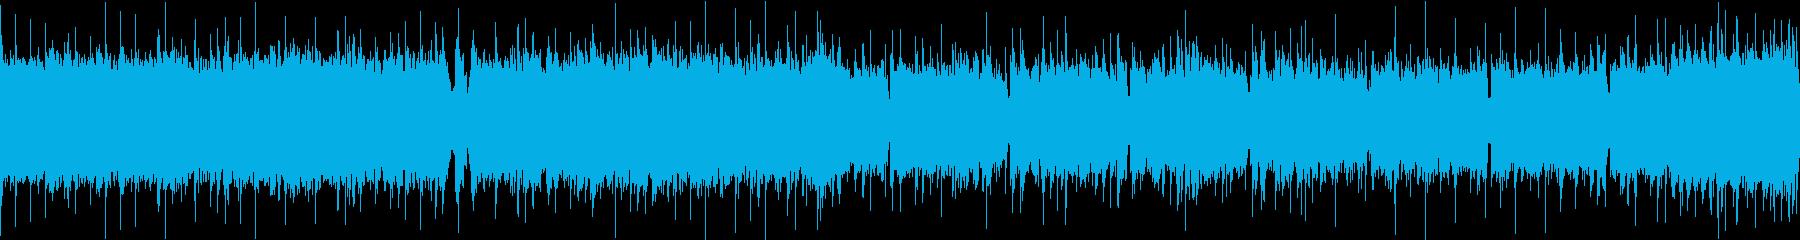 疾走感のあるエレキギター生演奏ロックの再生済みの波形